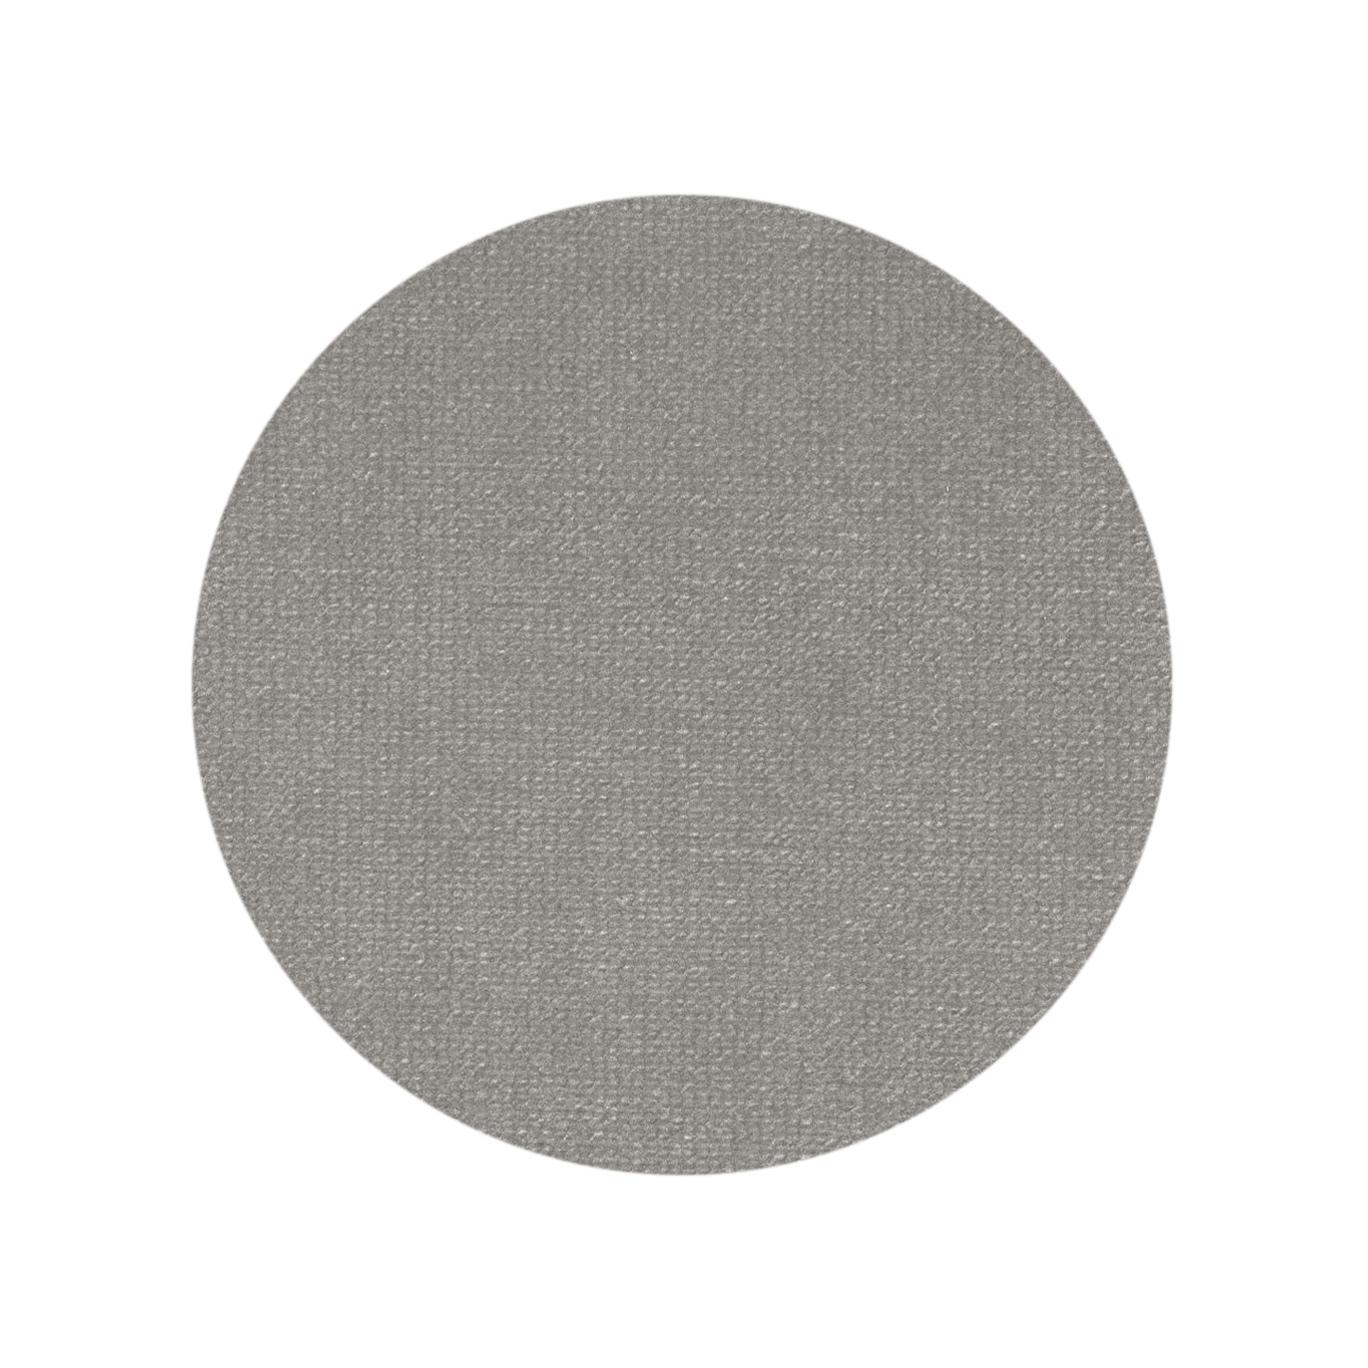 Astor Velvet - Frost Gray